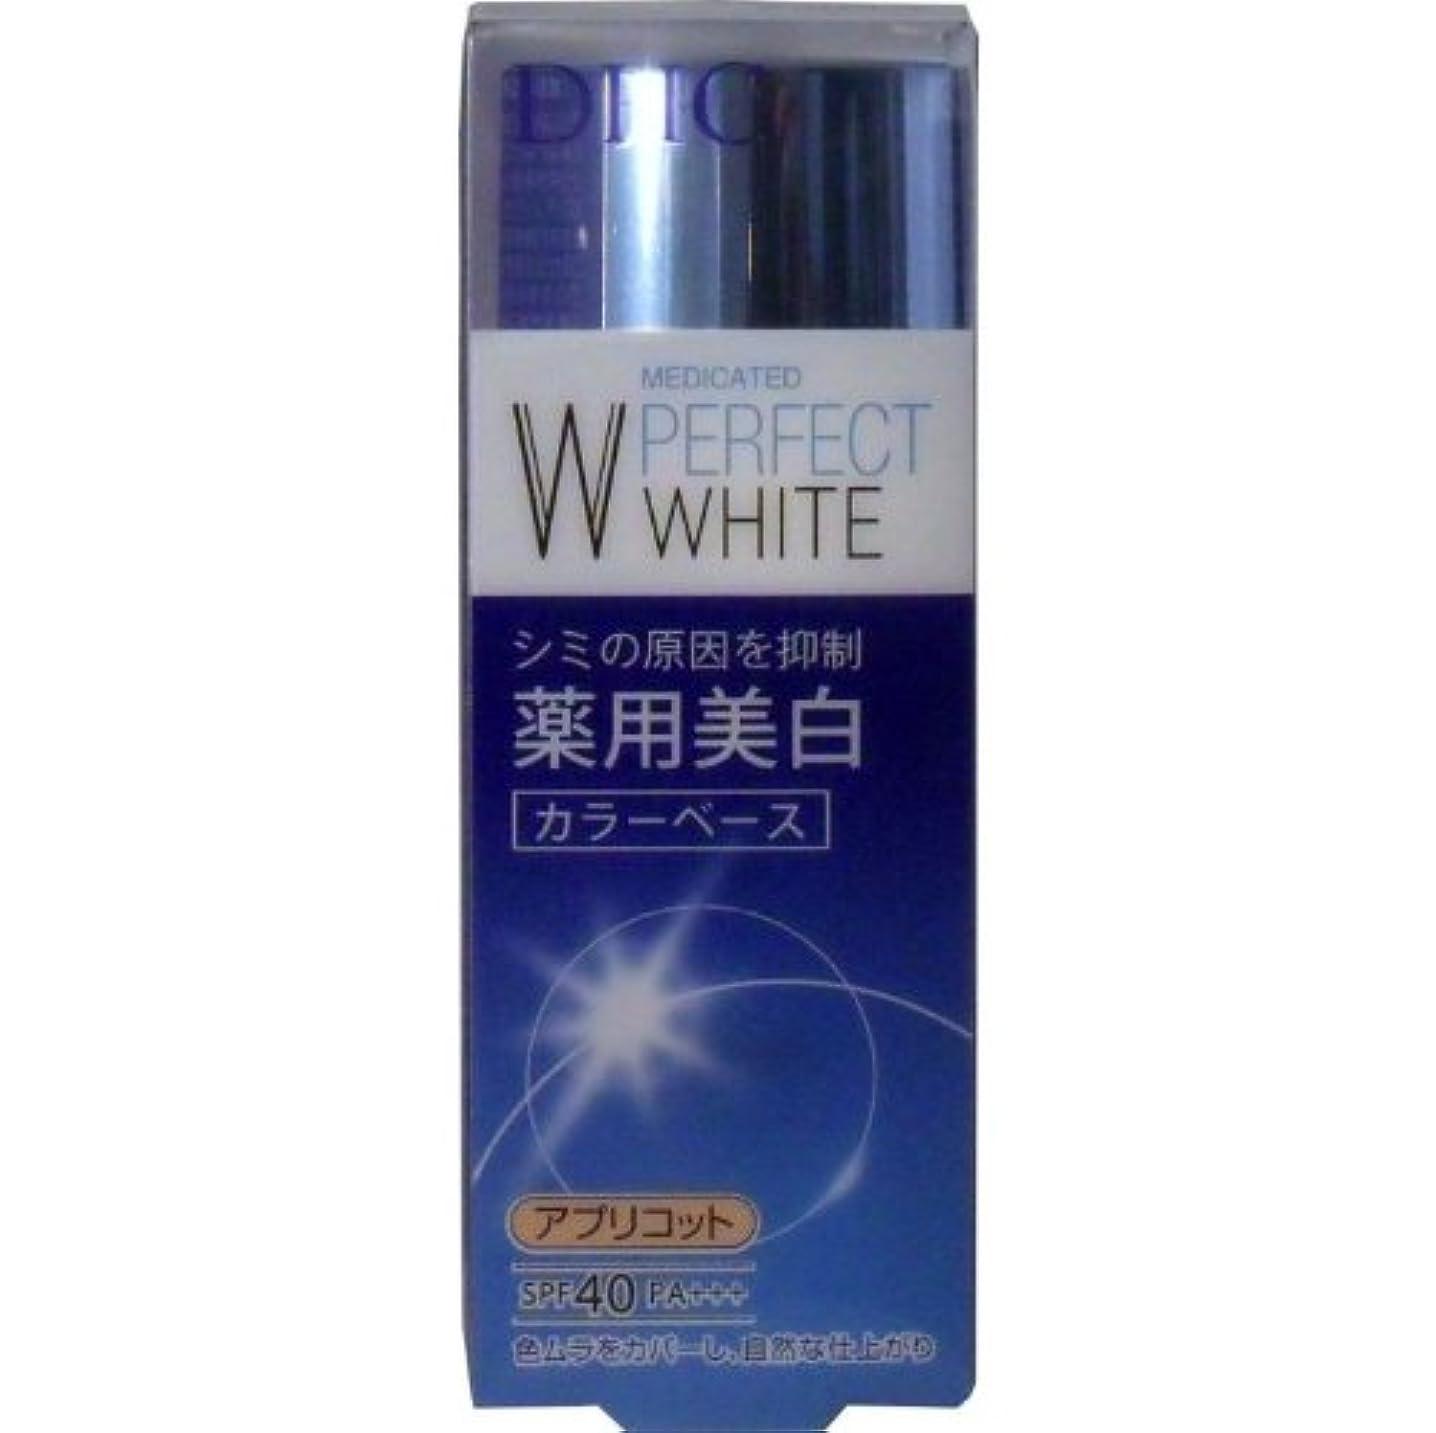 サミットたとえ区別DHC 薬用美白パーフェクトホワイト カラーベース アプリコット 30g